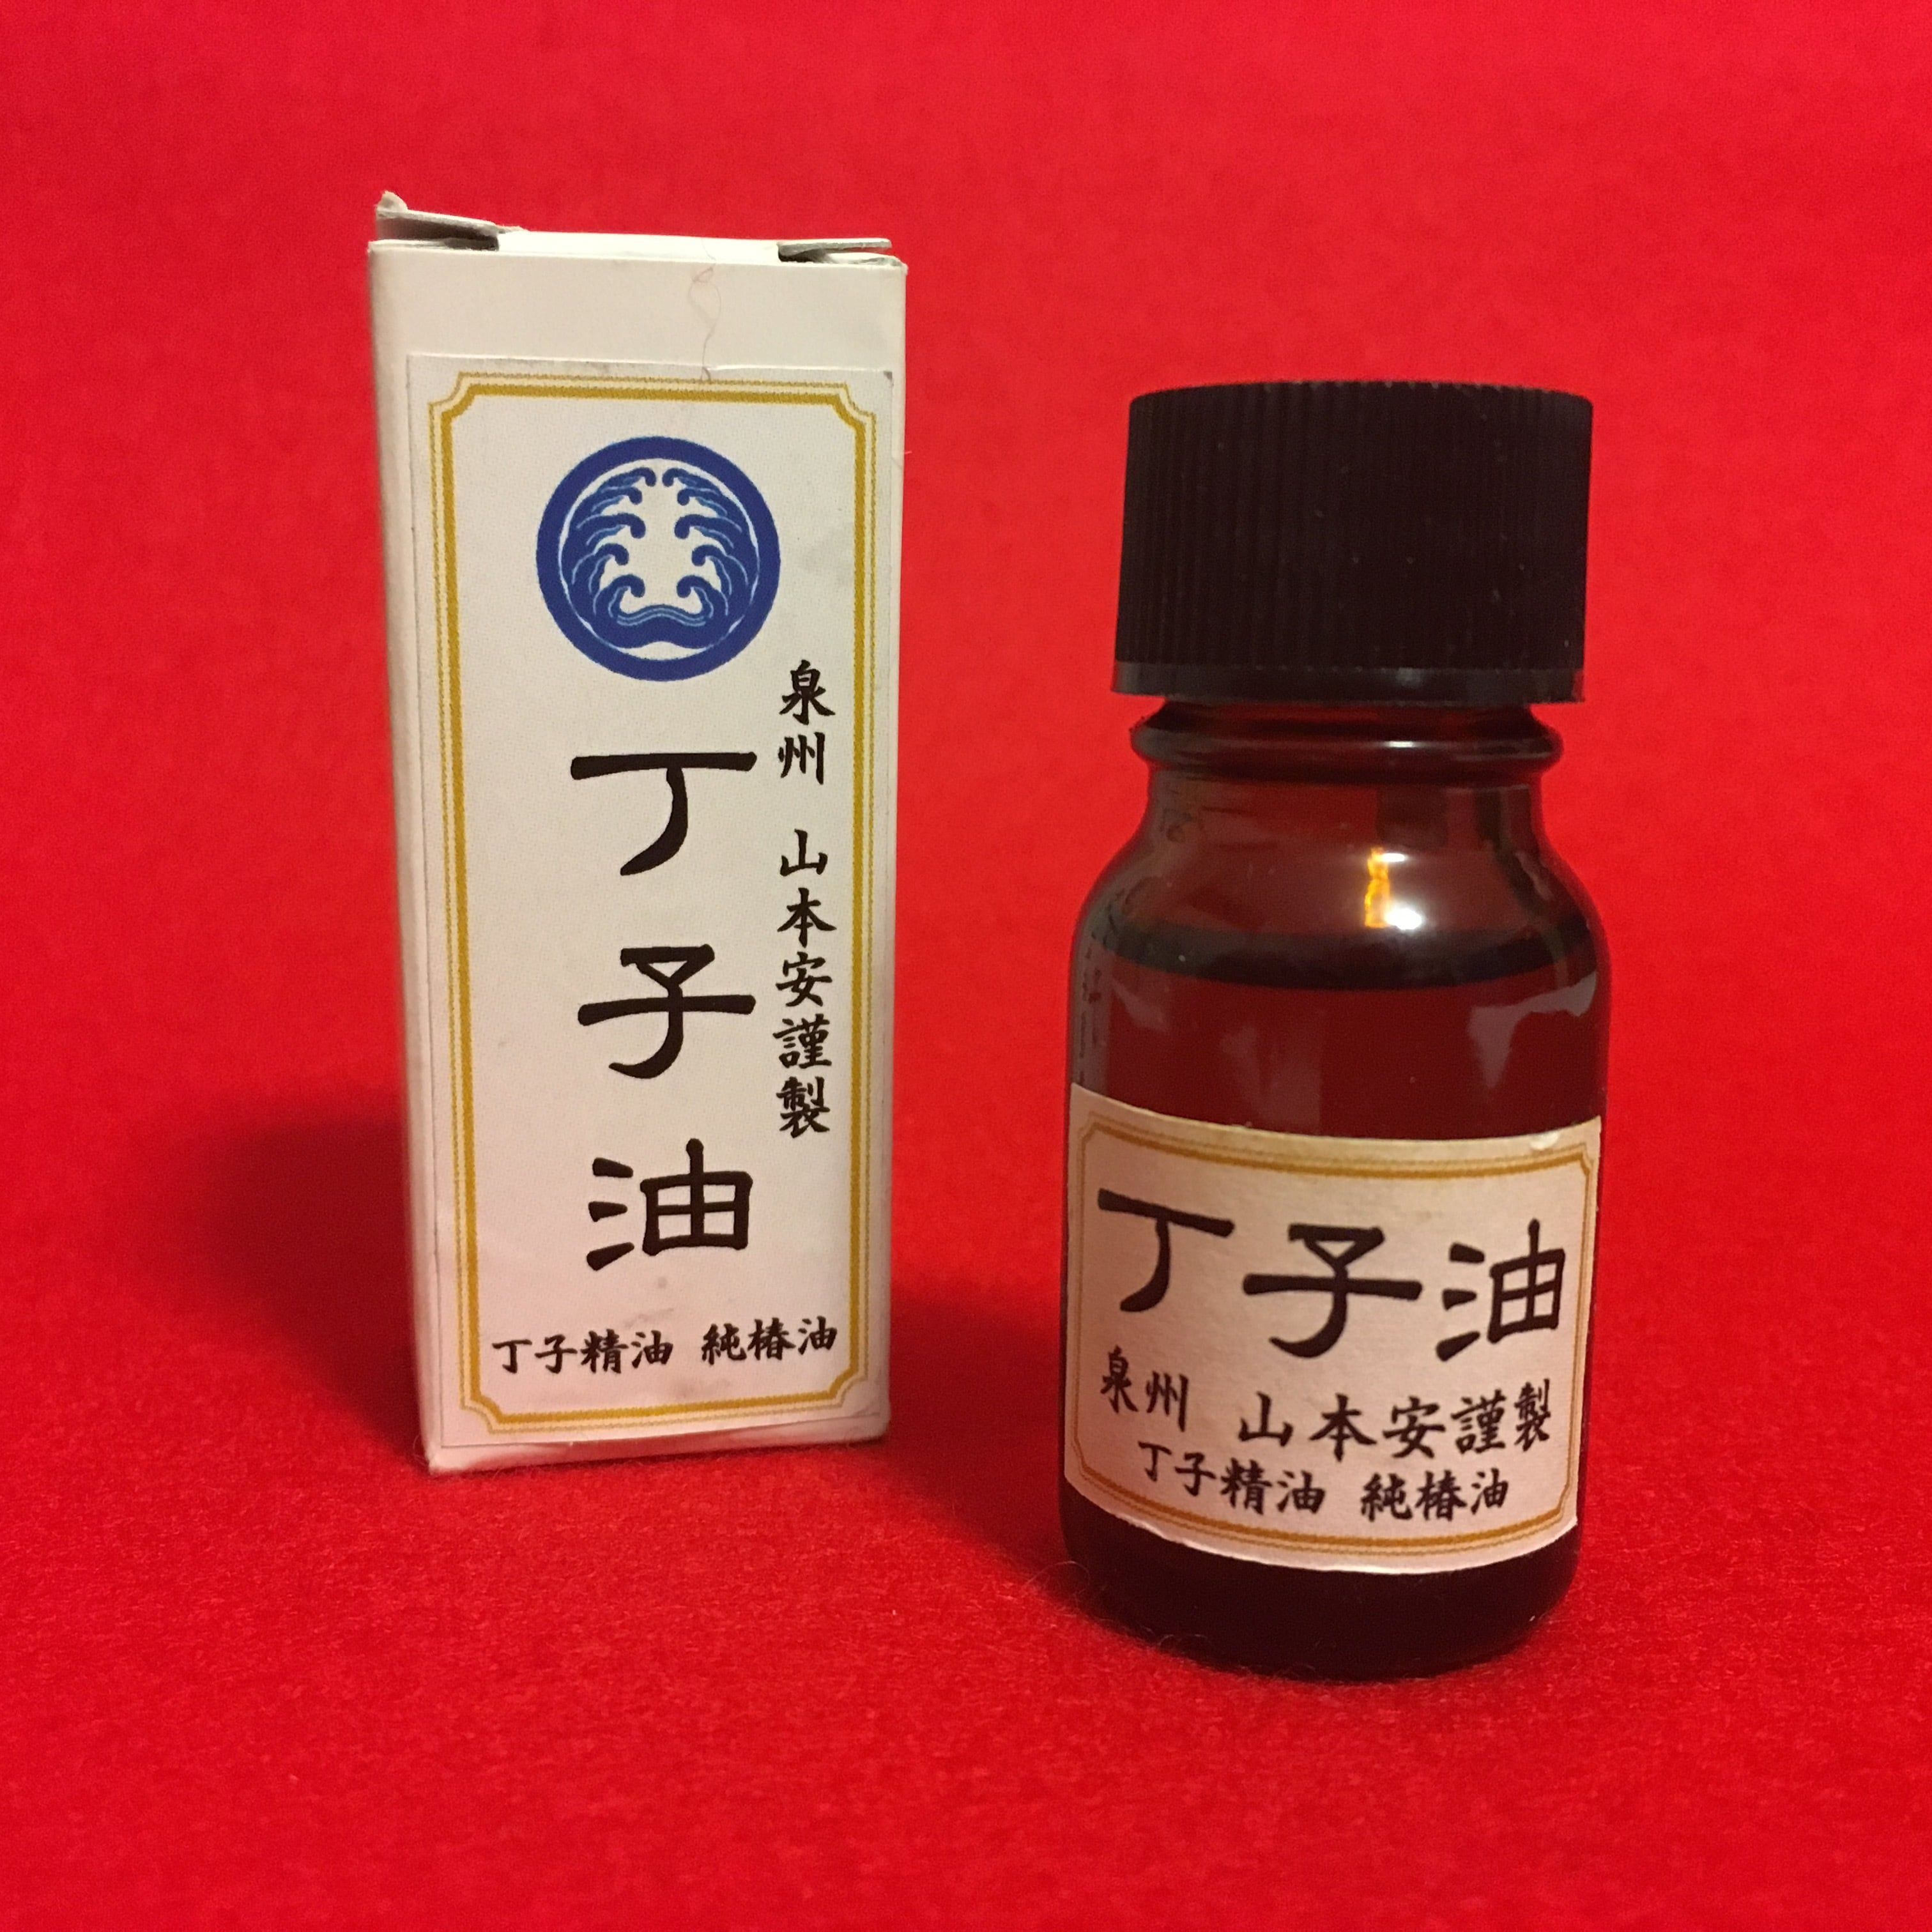 丁字油(御刀油)